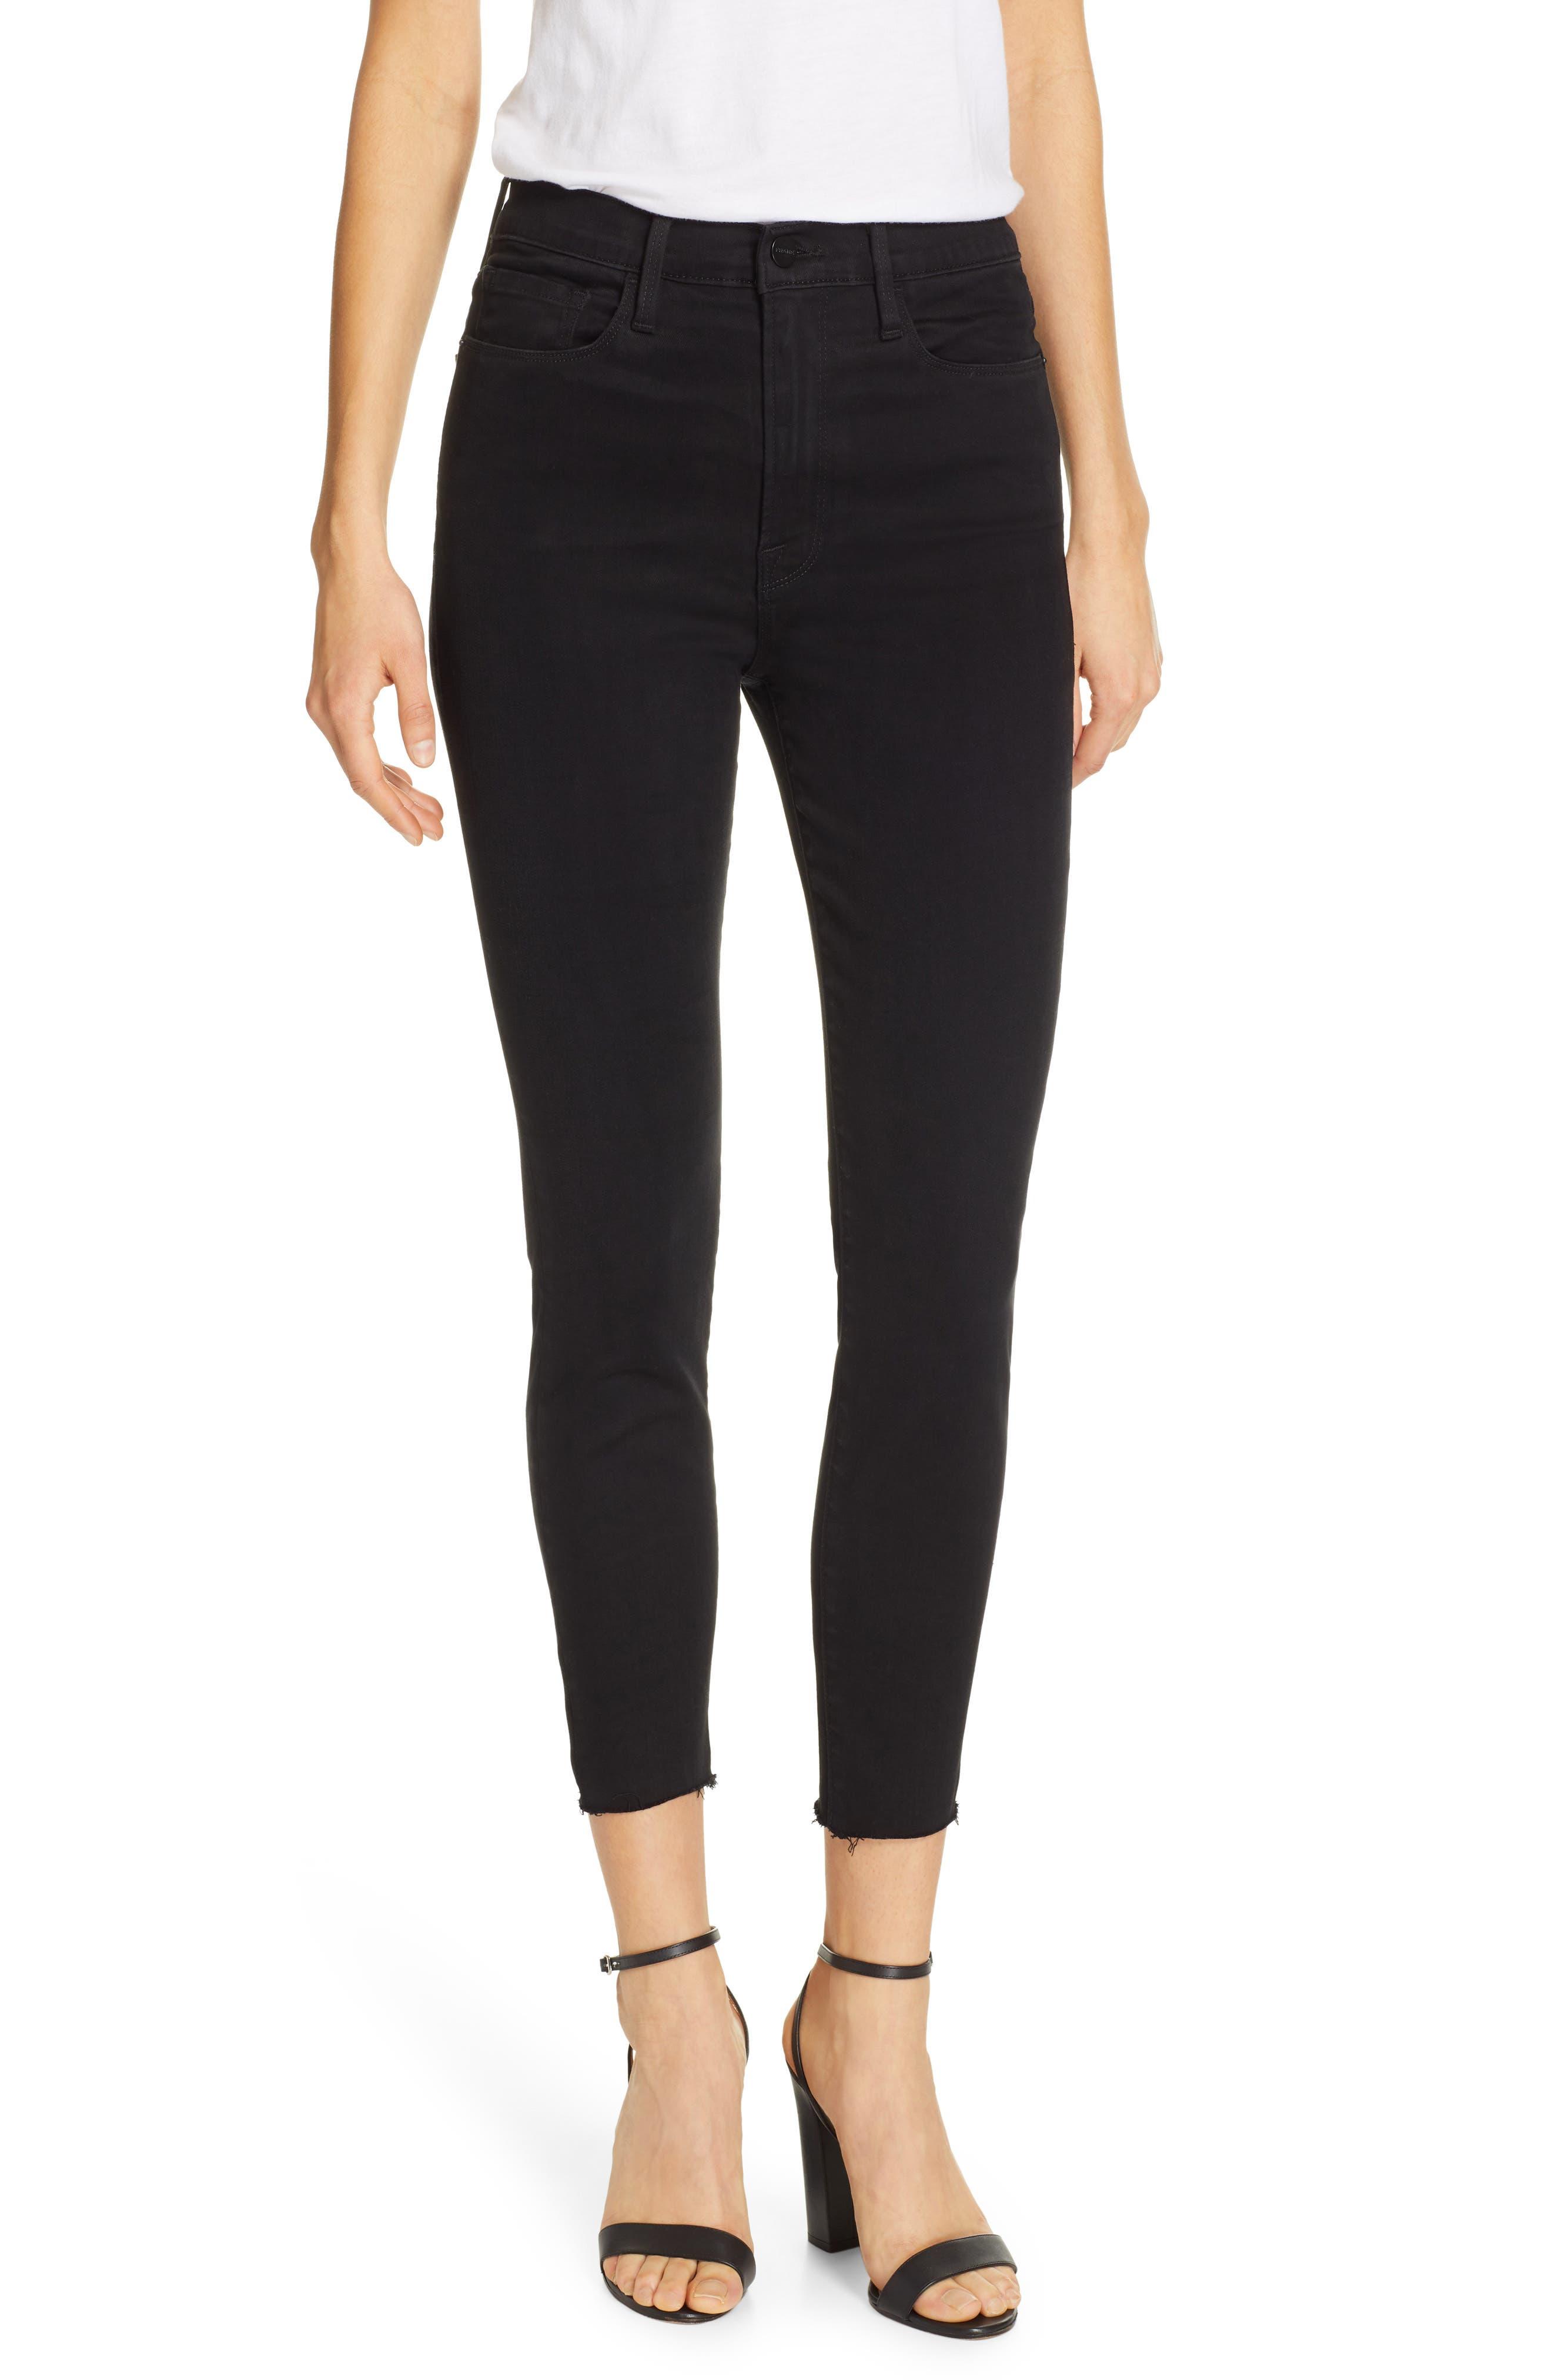 Women's Frame Ali High Waist Cigarette Jeans